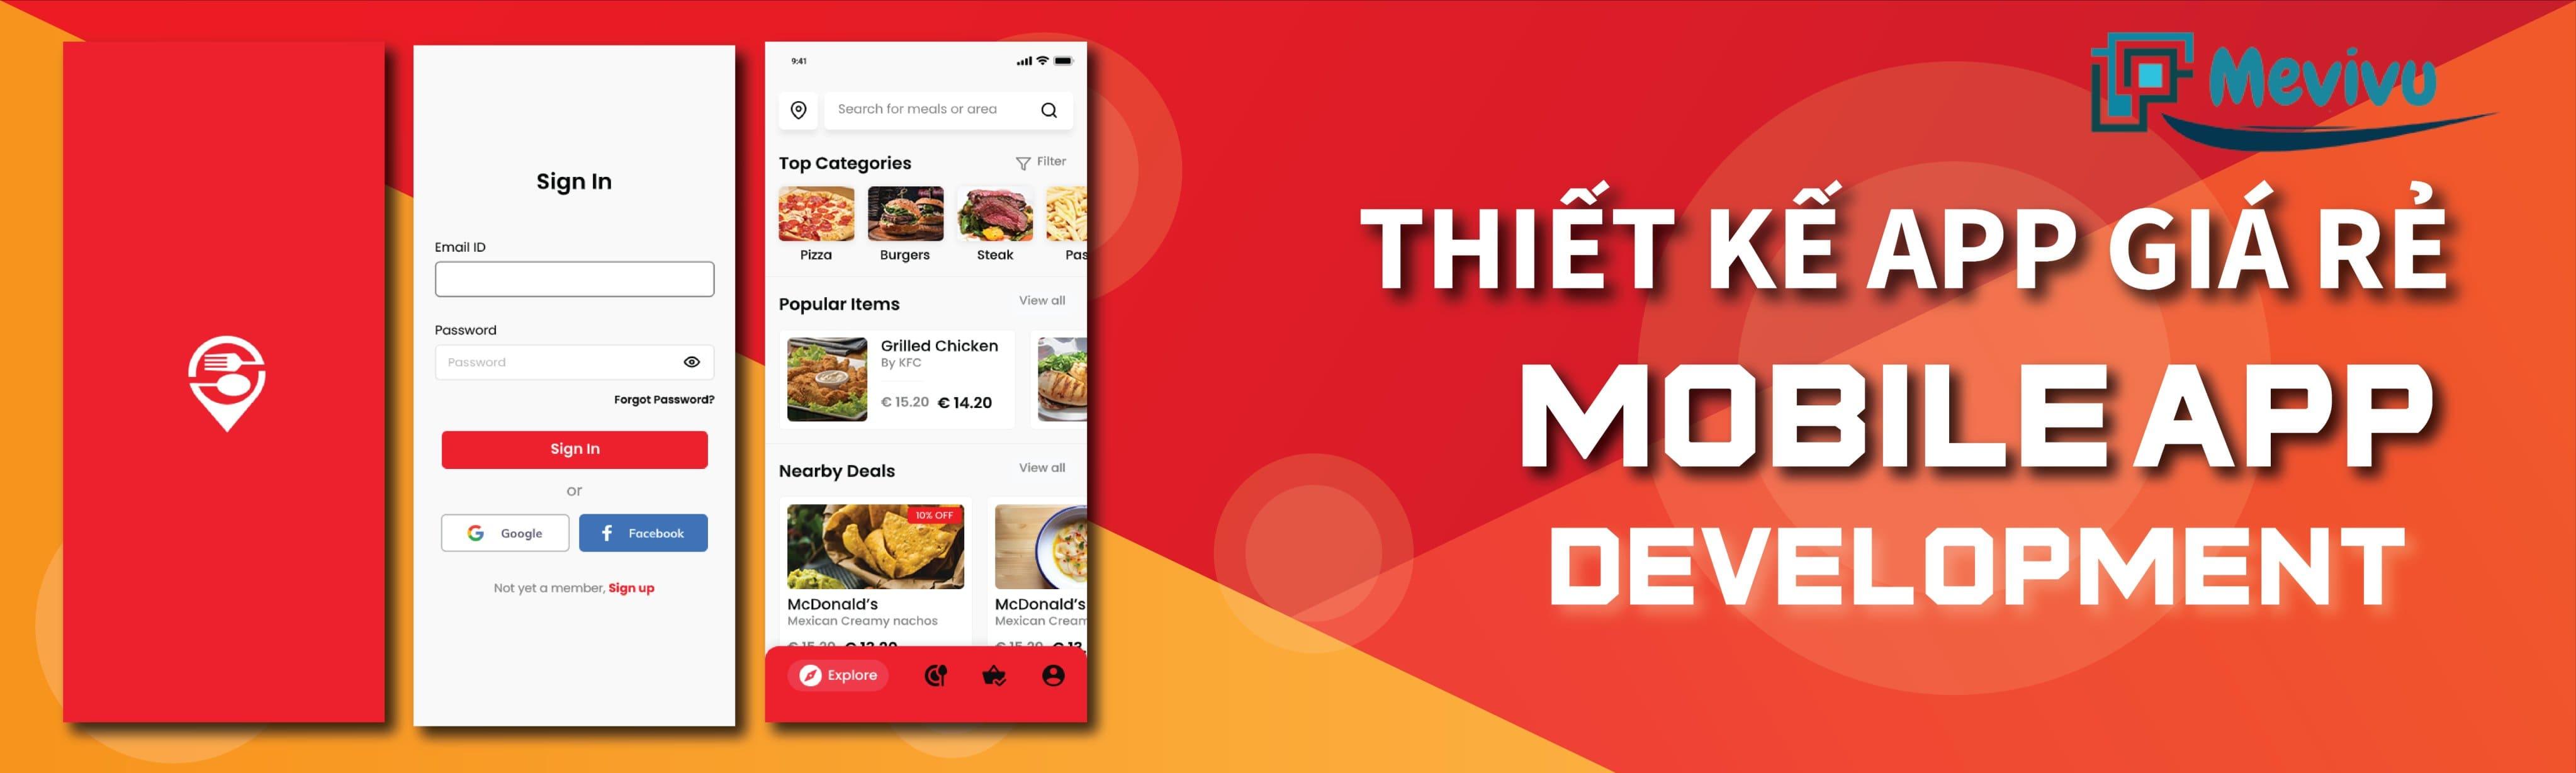 thiết kế app giá rẻ